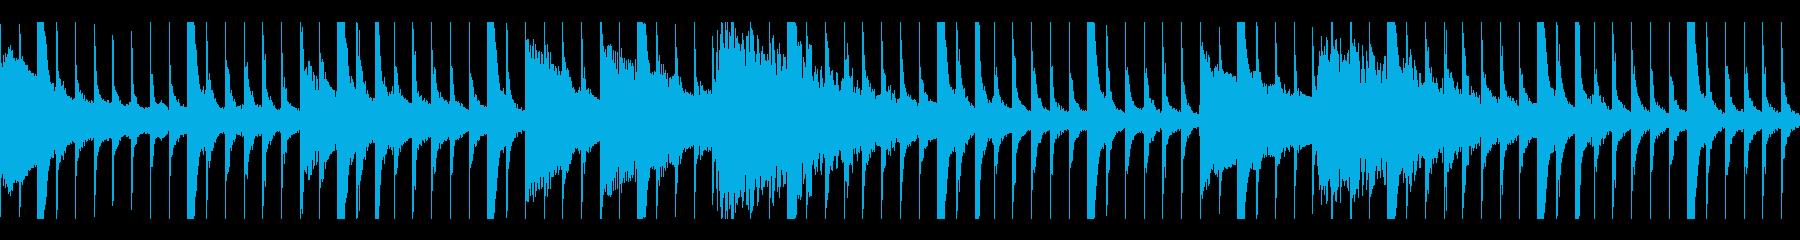 アフリカン木琴とピアノのミニマルループの再生済みの波形